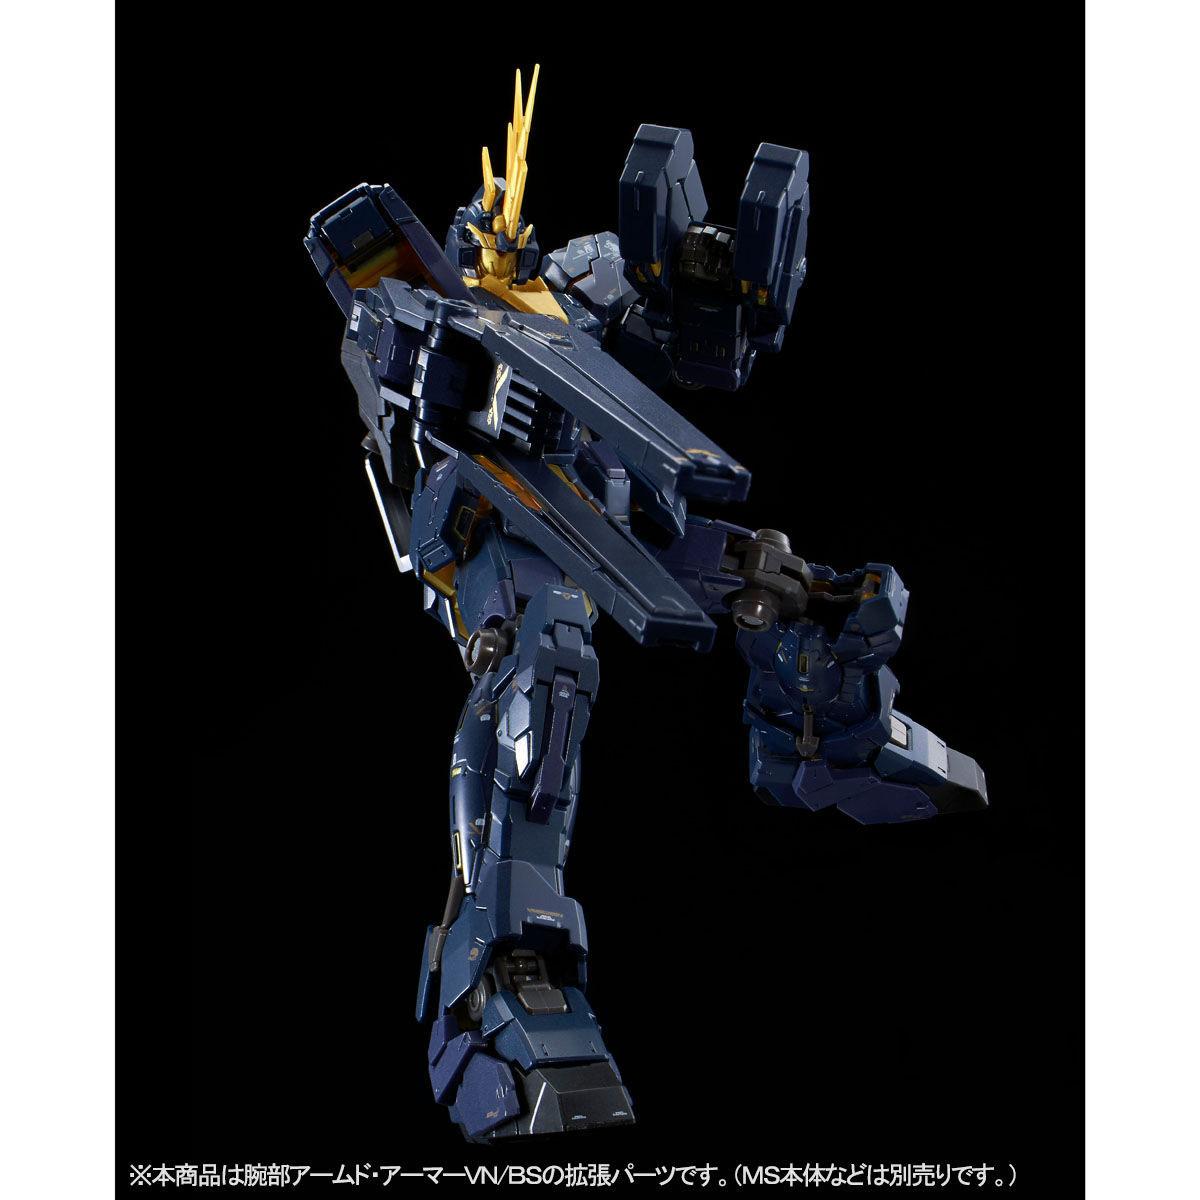 RG 1/144『拡張ユニット アームド・アーマーVN/BS』ガンダムUC プラモデル-008